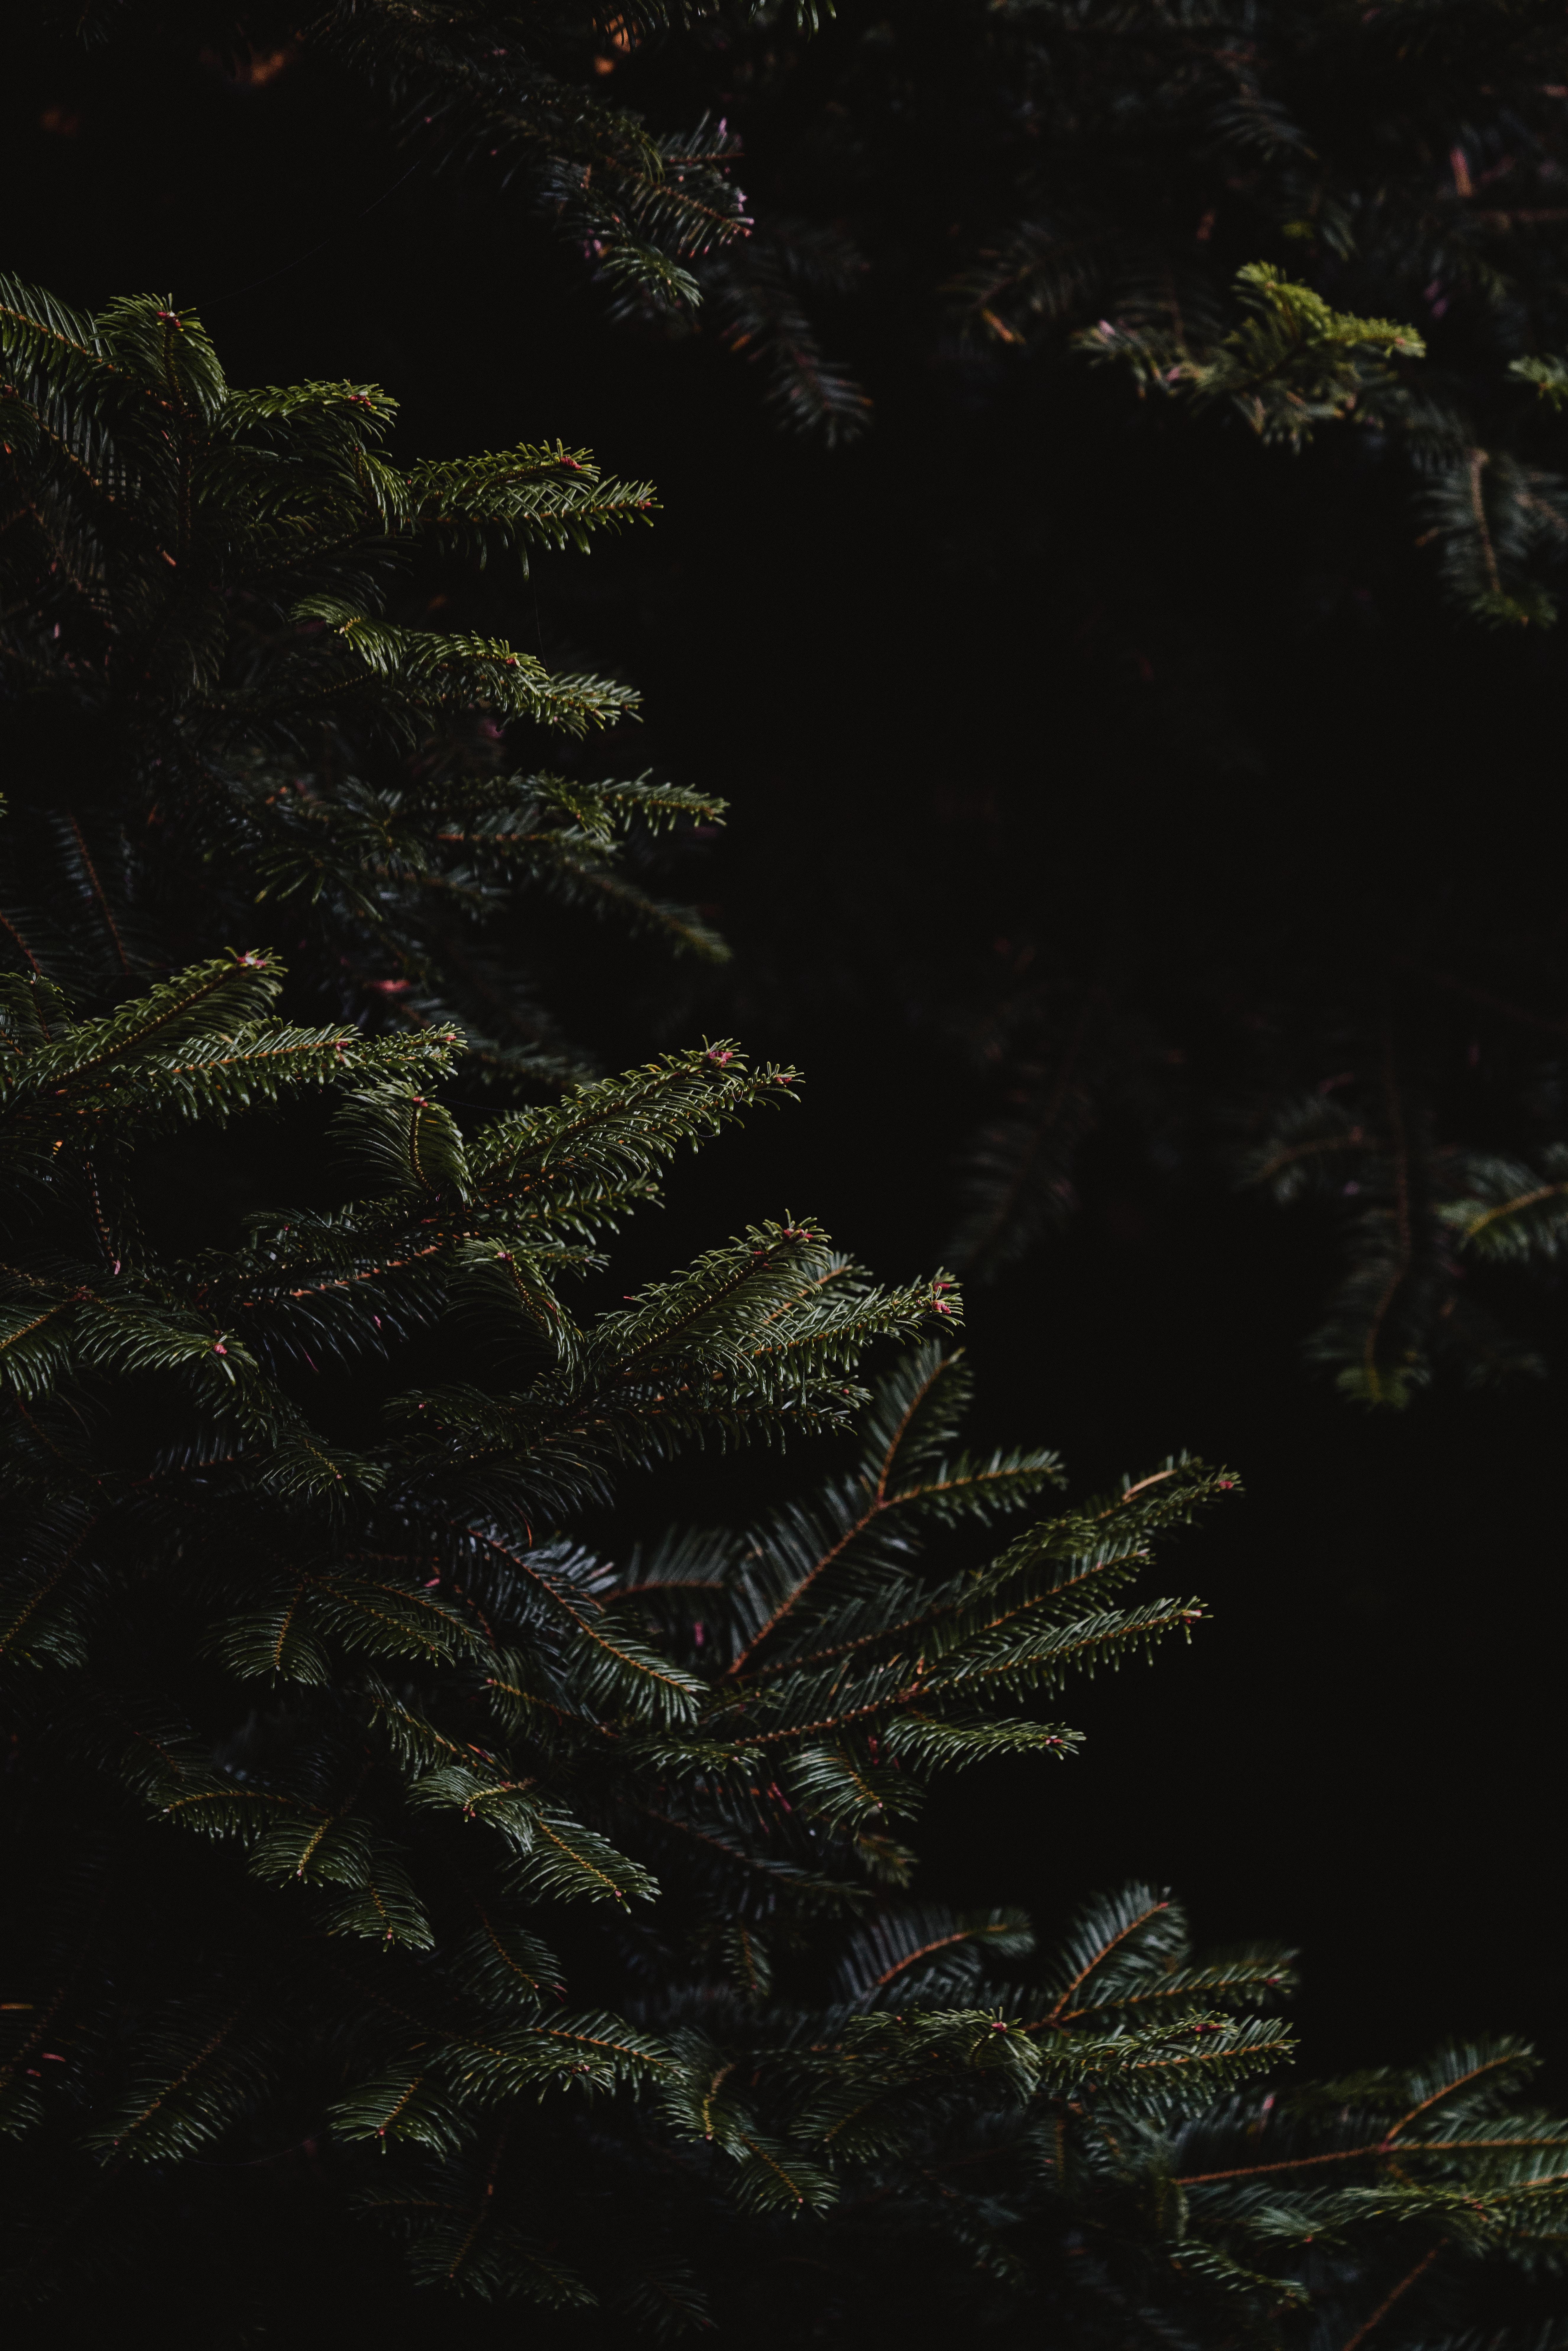 157621 Заставки и Обои Иголки на телефон. Скачать Иголки, Темные, Темный, Ветки, Ель картинки бесплатно